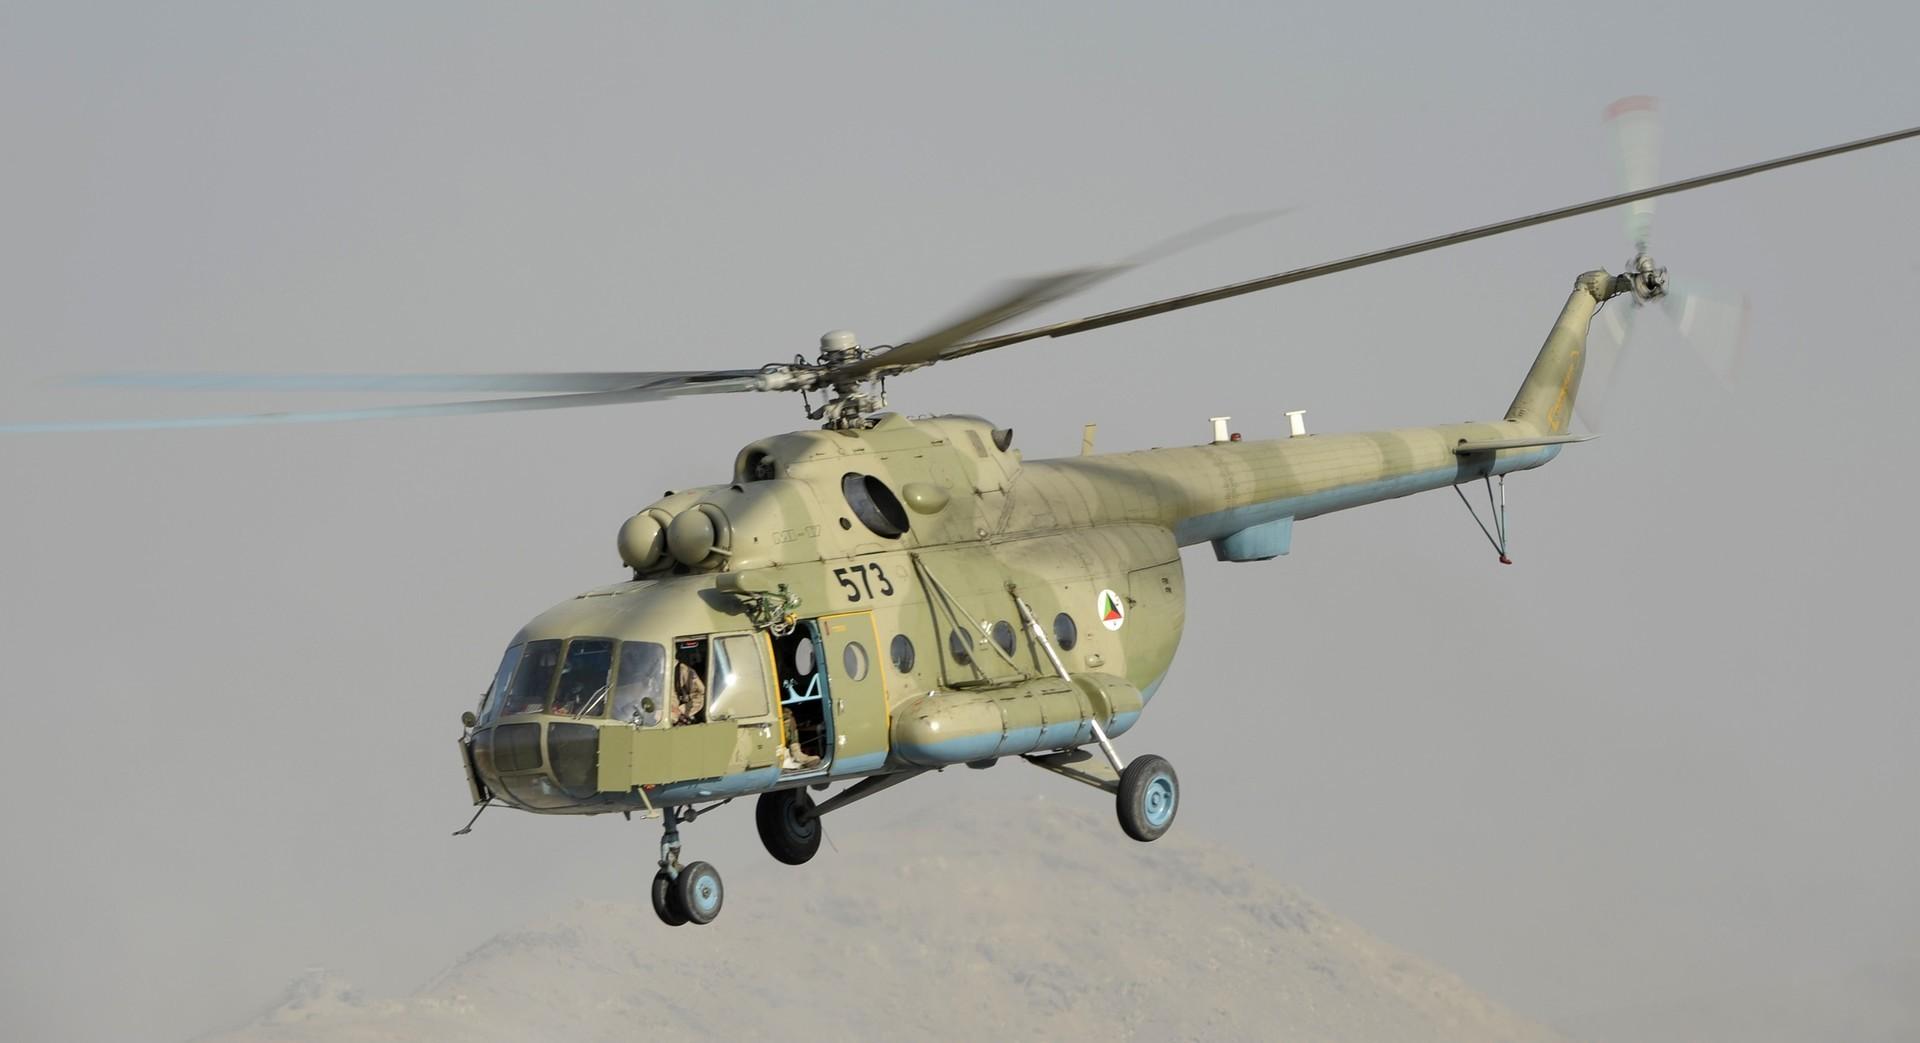 Mi-17, versão de exportação do helicóptero russo Mi-8